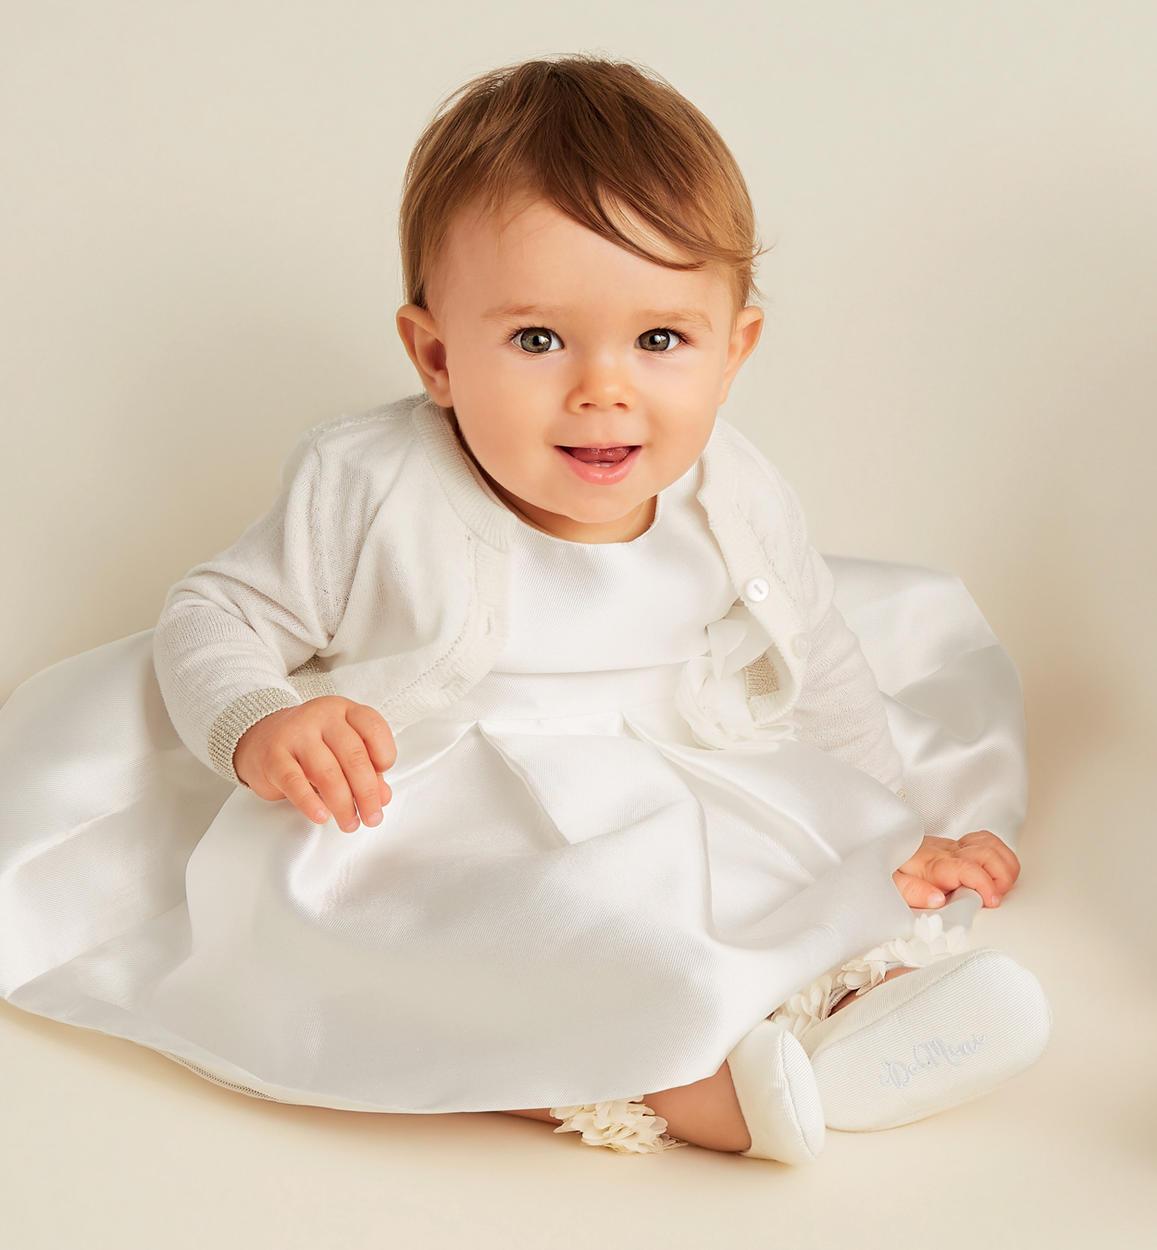 elegante abito in raso sposa con fiore i panna dettaglio 03 0444j13200 0112 150x150